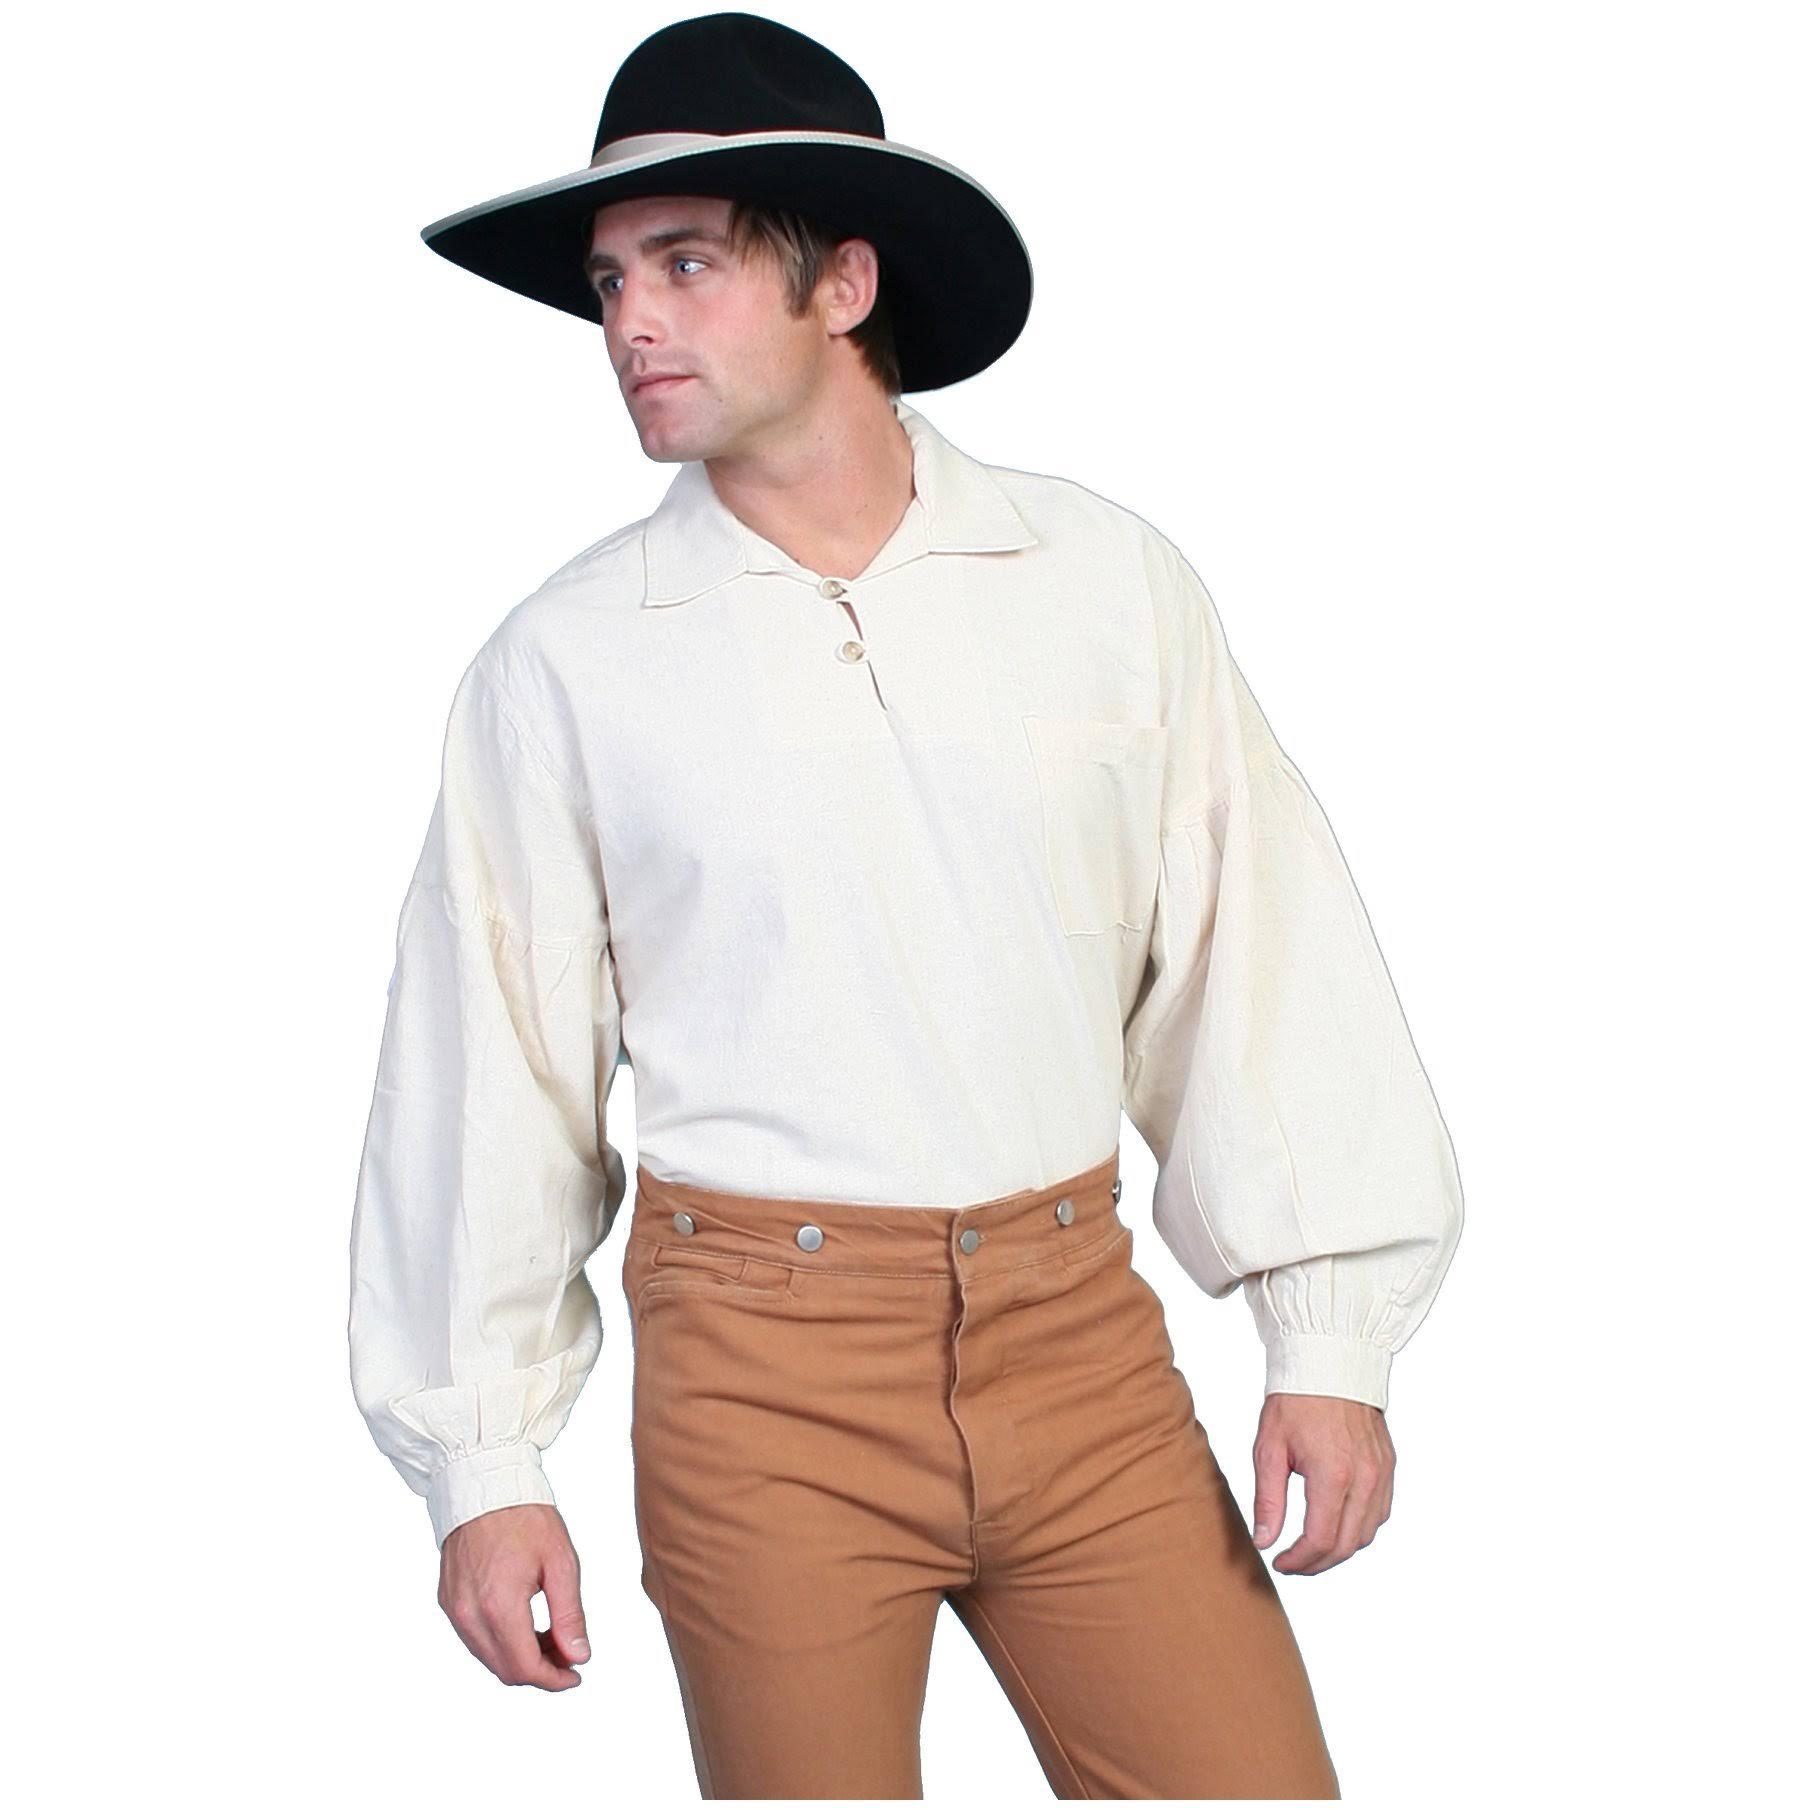 Rangewear Von Von Schulterhemd Schulterhemd Rangewear Von Scully Rangewear Scully Drop Scully Drop q1rZgqw